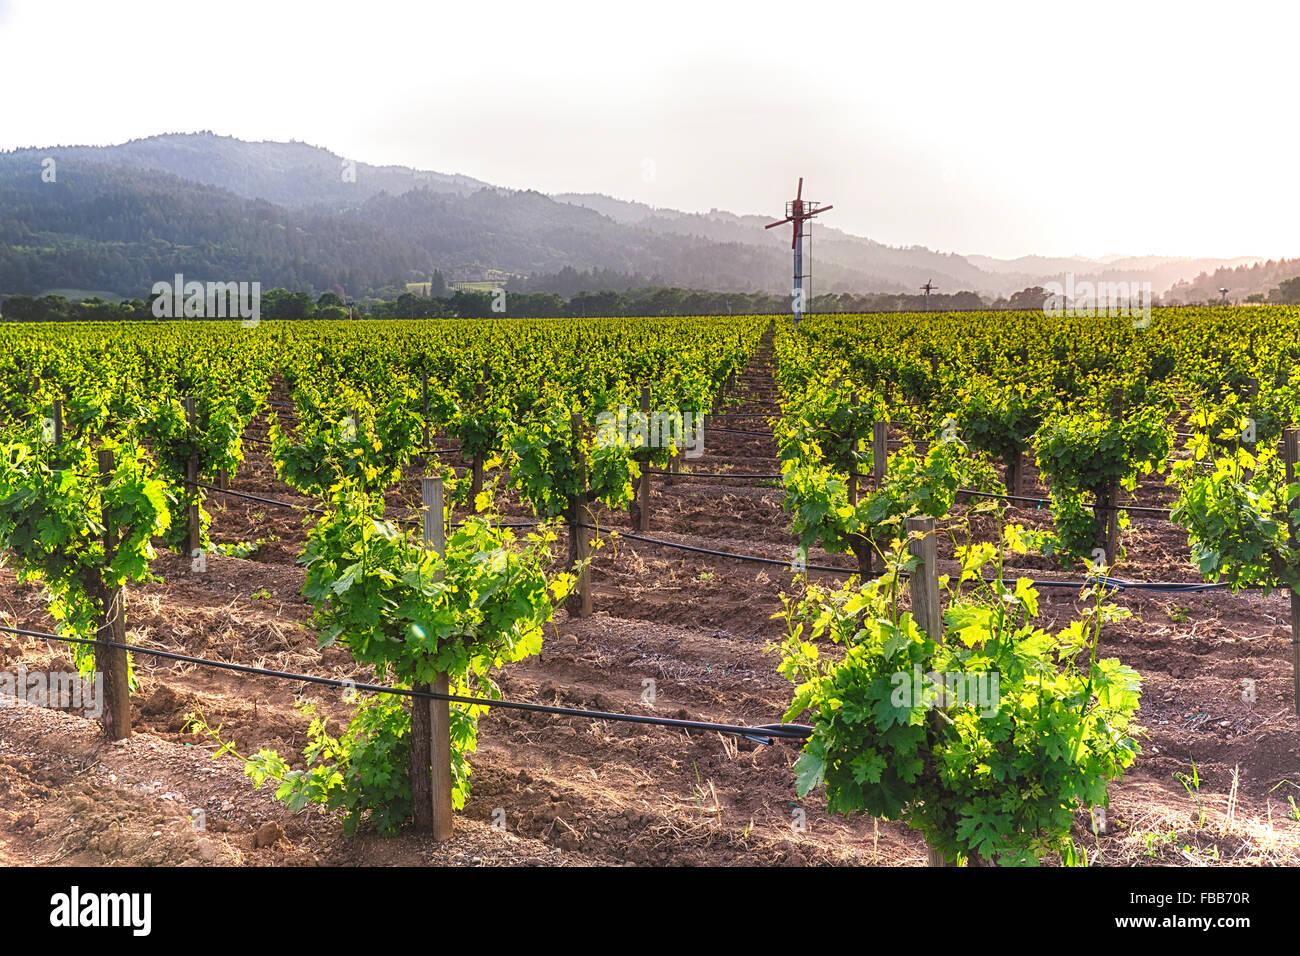 Fila de Grapevine con riego por goteo y de machine de viento del Valle de Napa, California Imagen De Stock